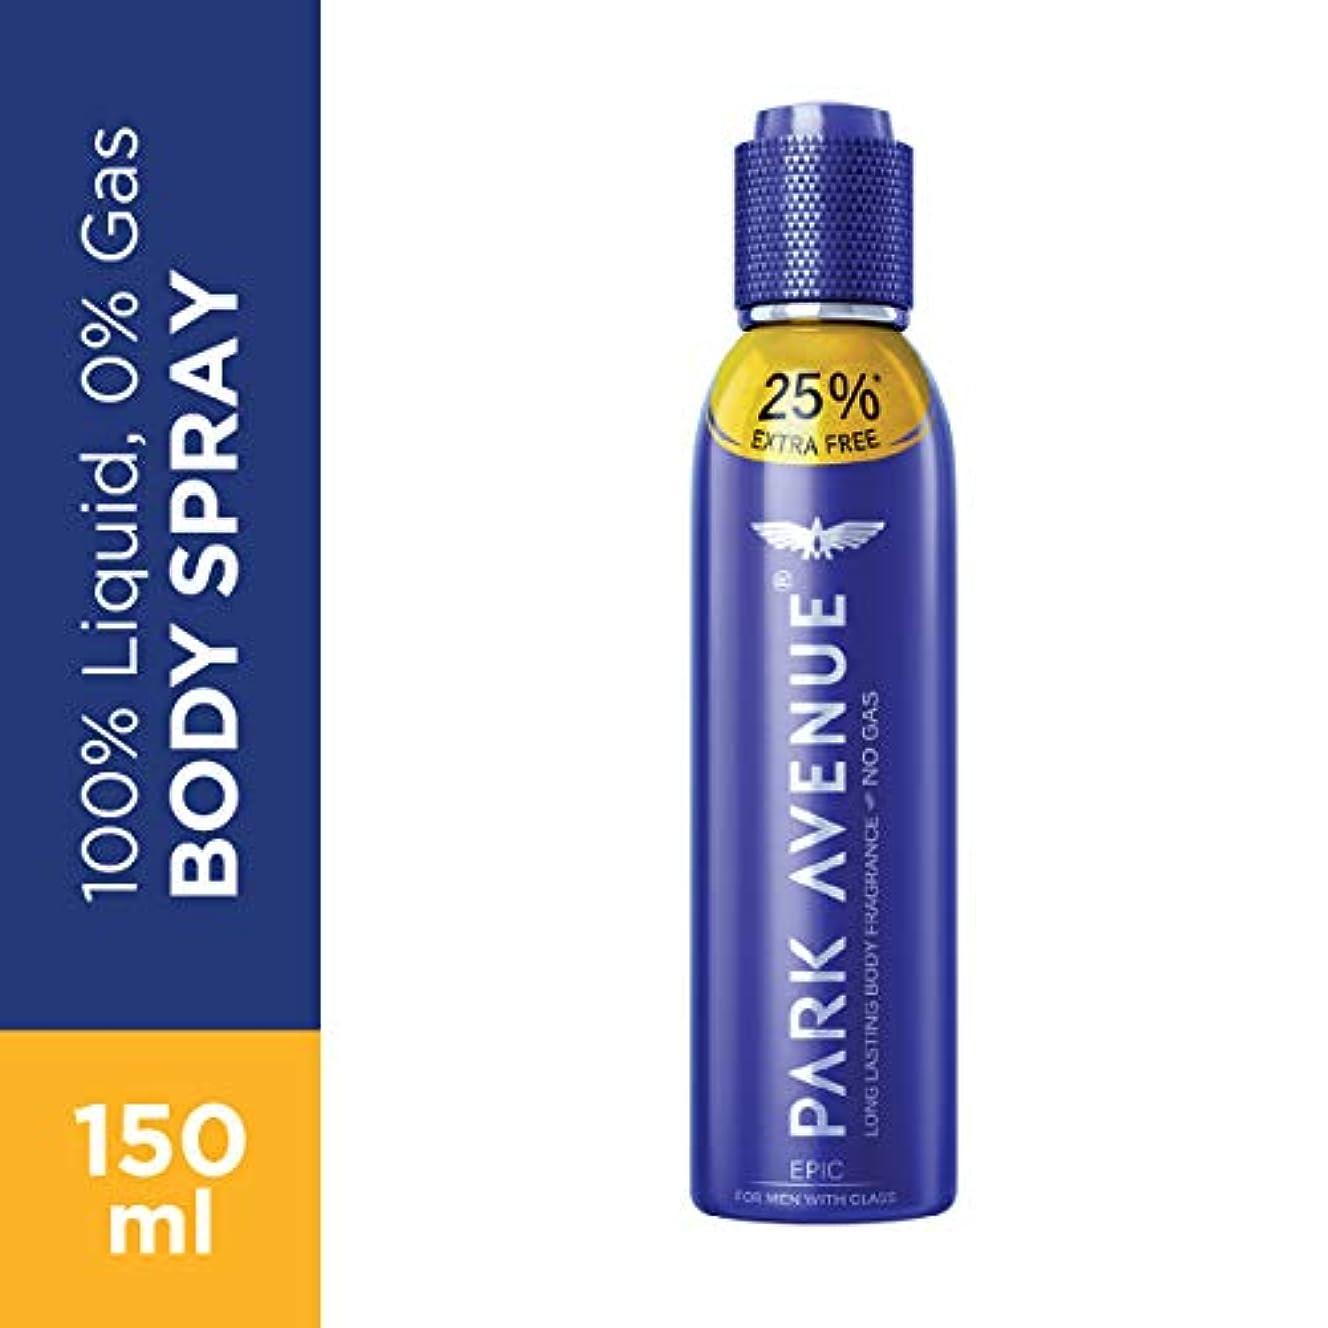 オーバードロー地震物理的にPark Avenue Epic Perfume Spray Gas Free For Men 120 ml/4.06 OZ - 1 Pack(Ship from India)